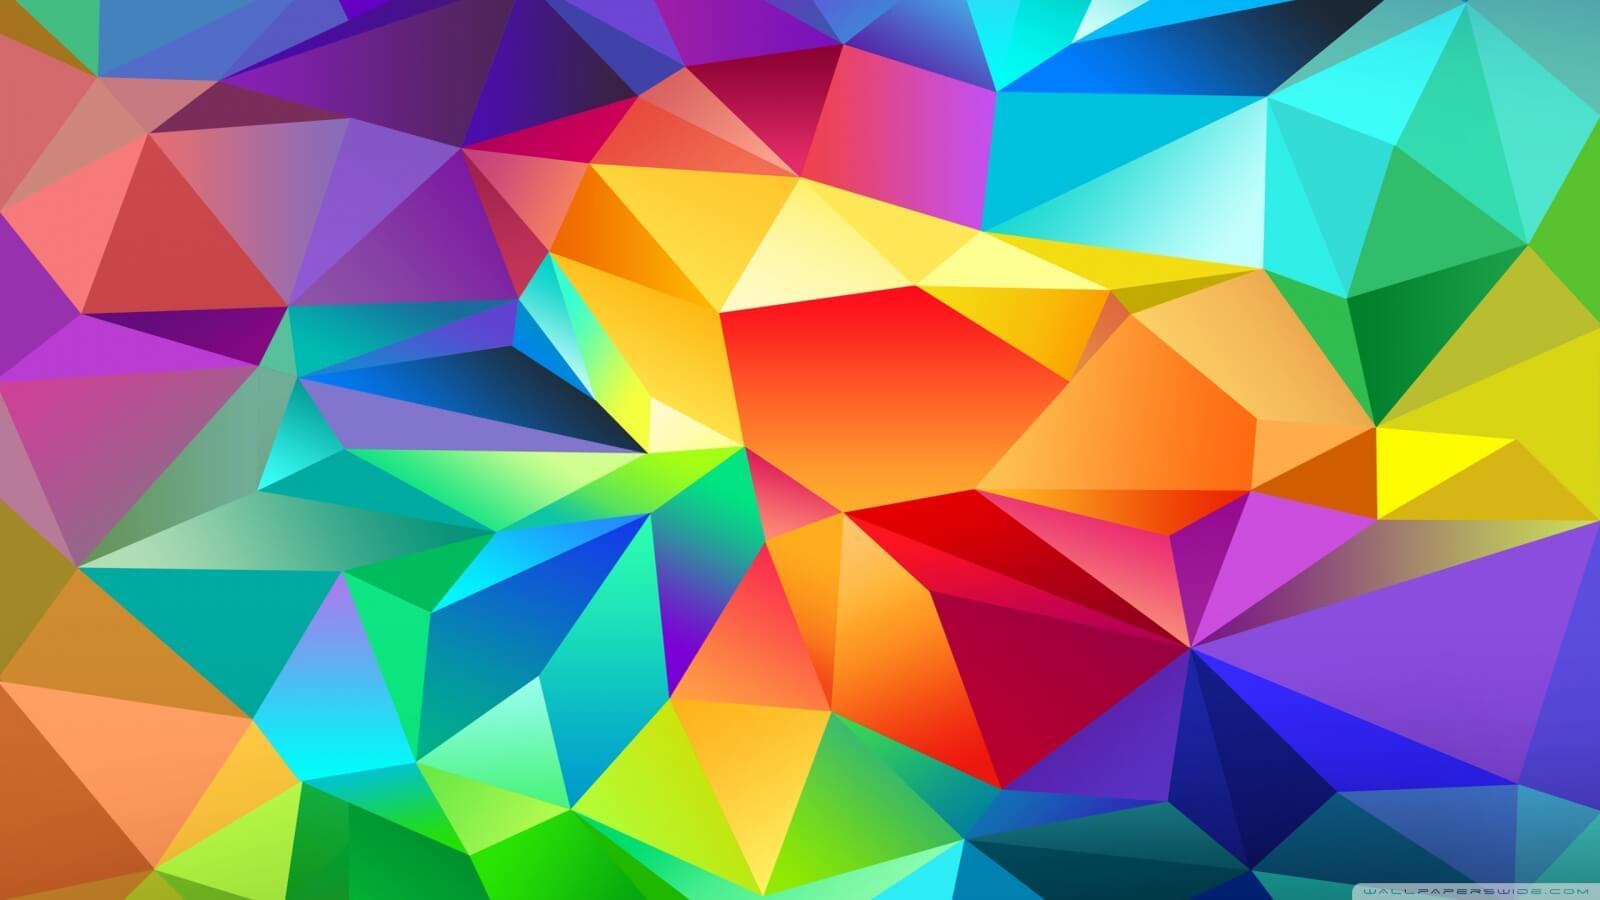 צבעים יפים